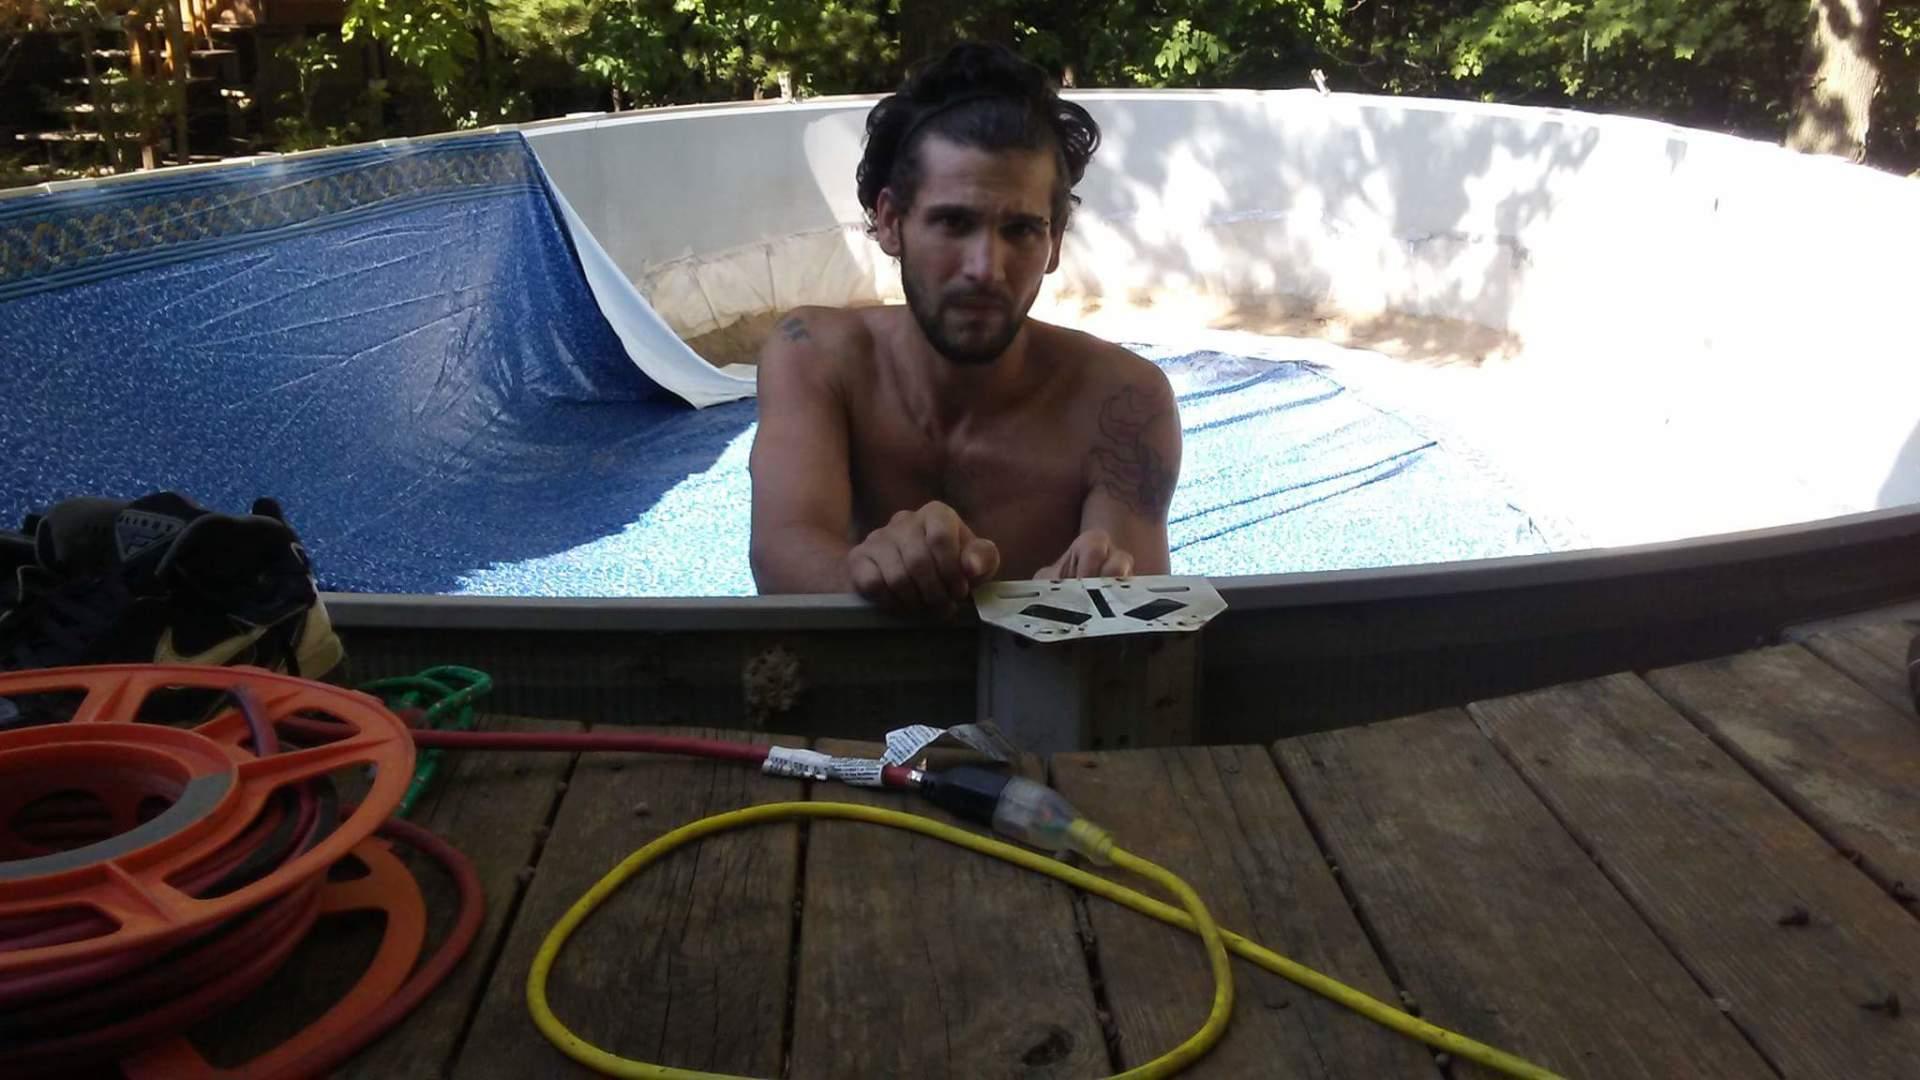 Rico installing liner